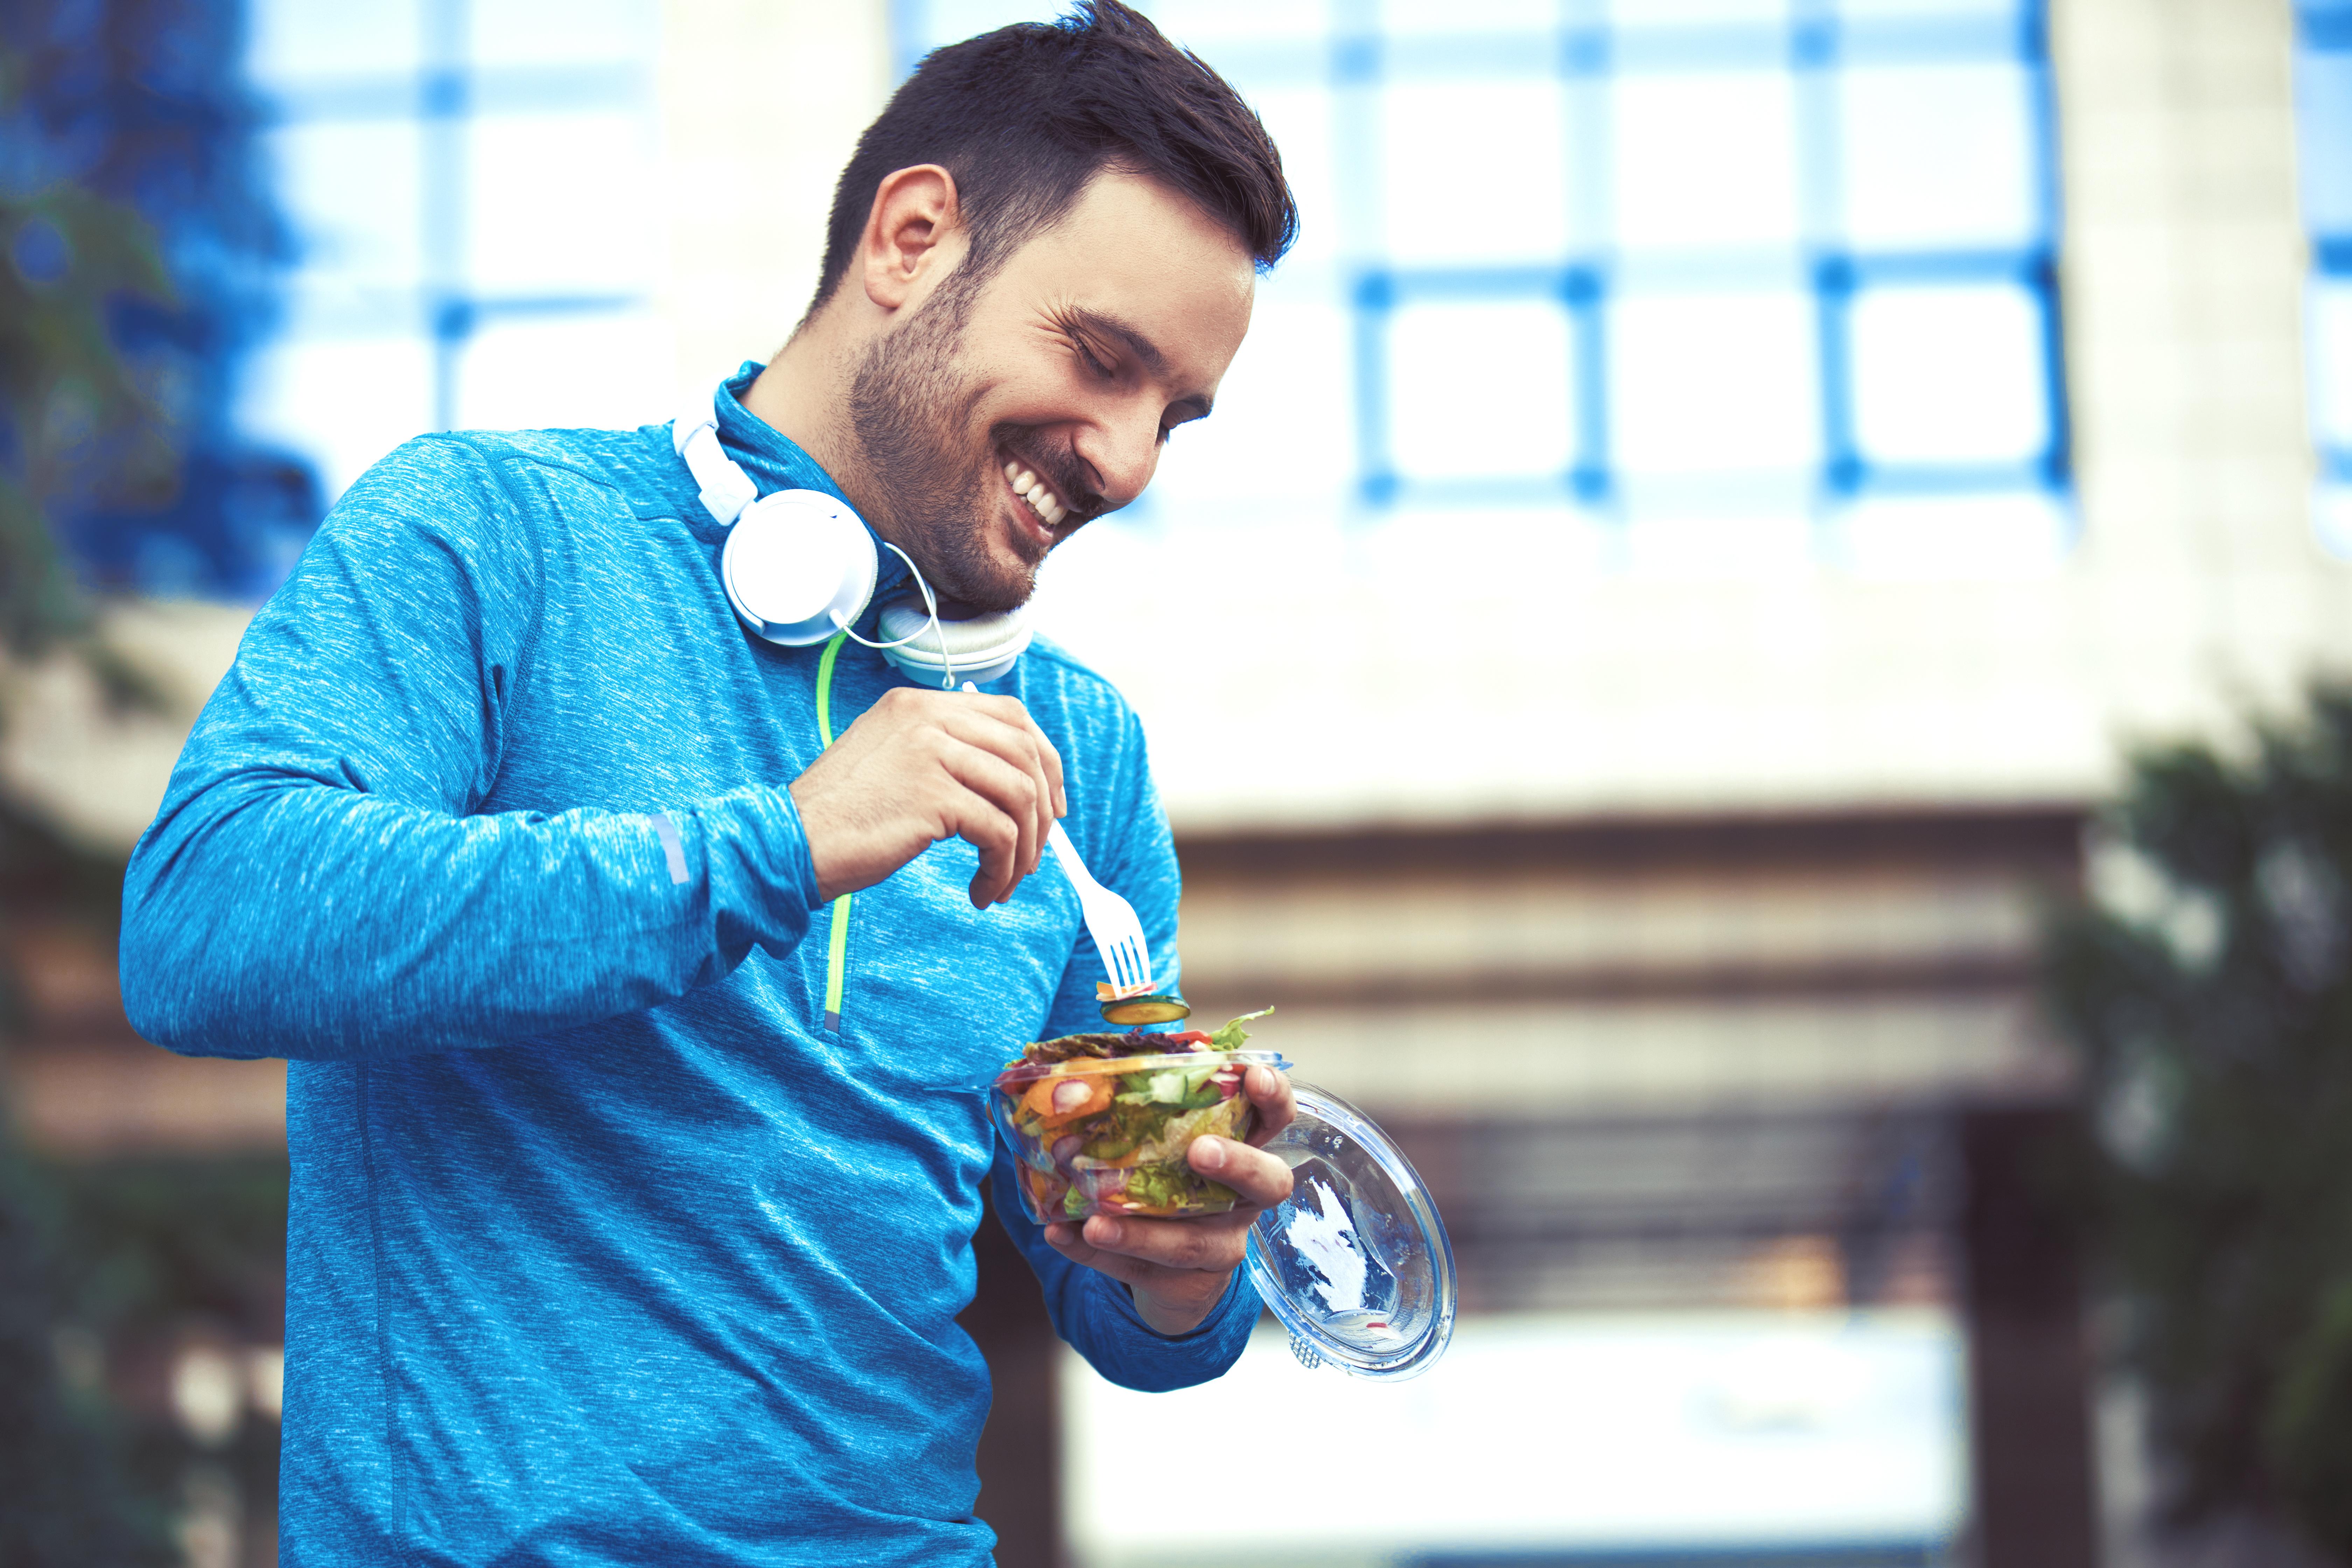 Les hommes adhérant à un régime allégé en matières grasses présentent des niveaux inférieurs de testostérone sérique par rapport aux hommes qui suivent un régime non restrictif